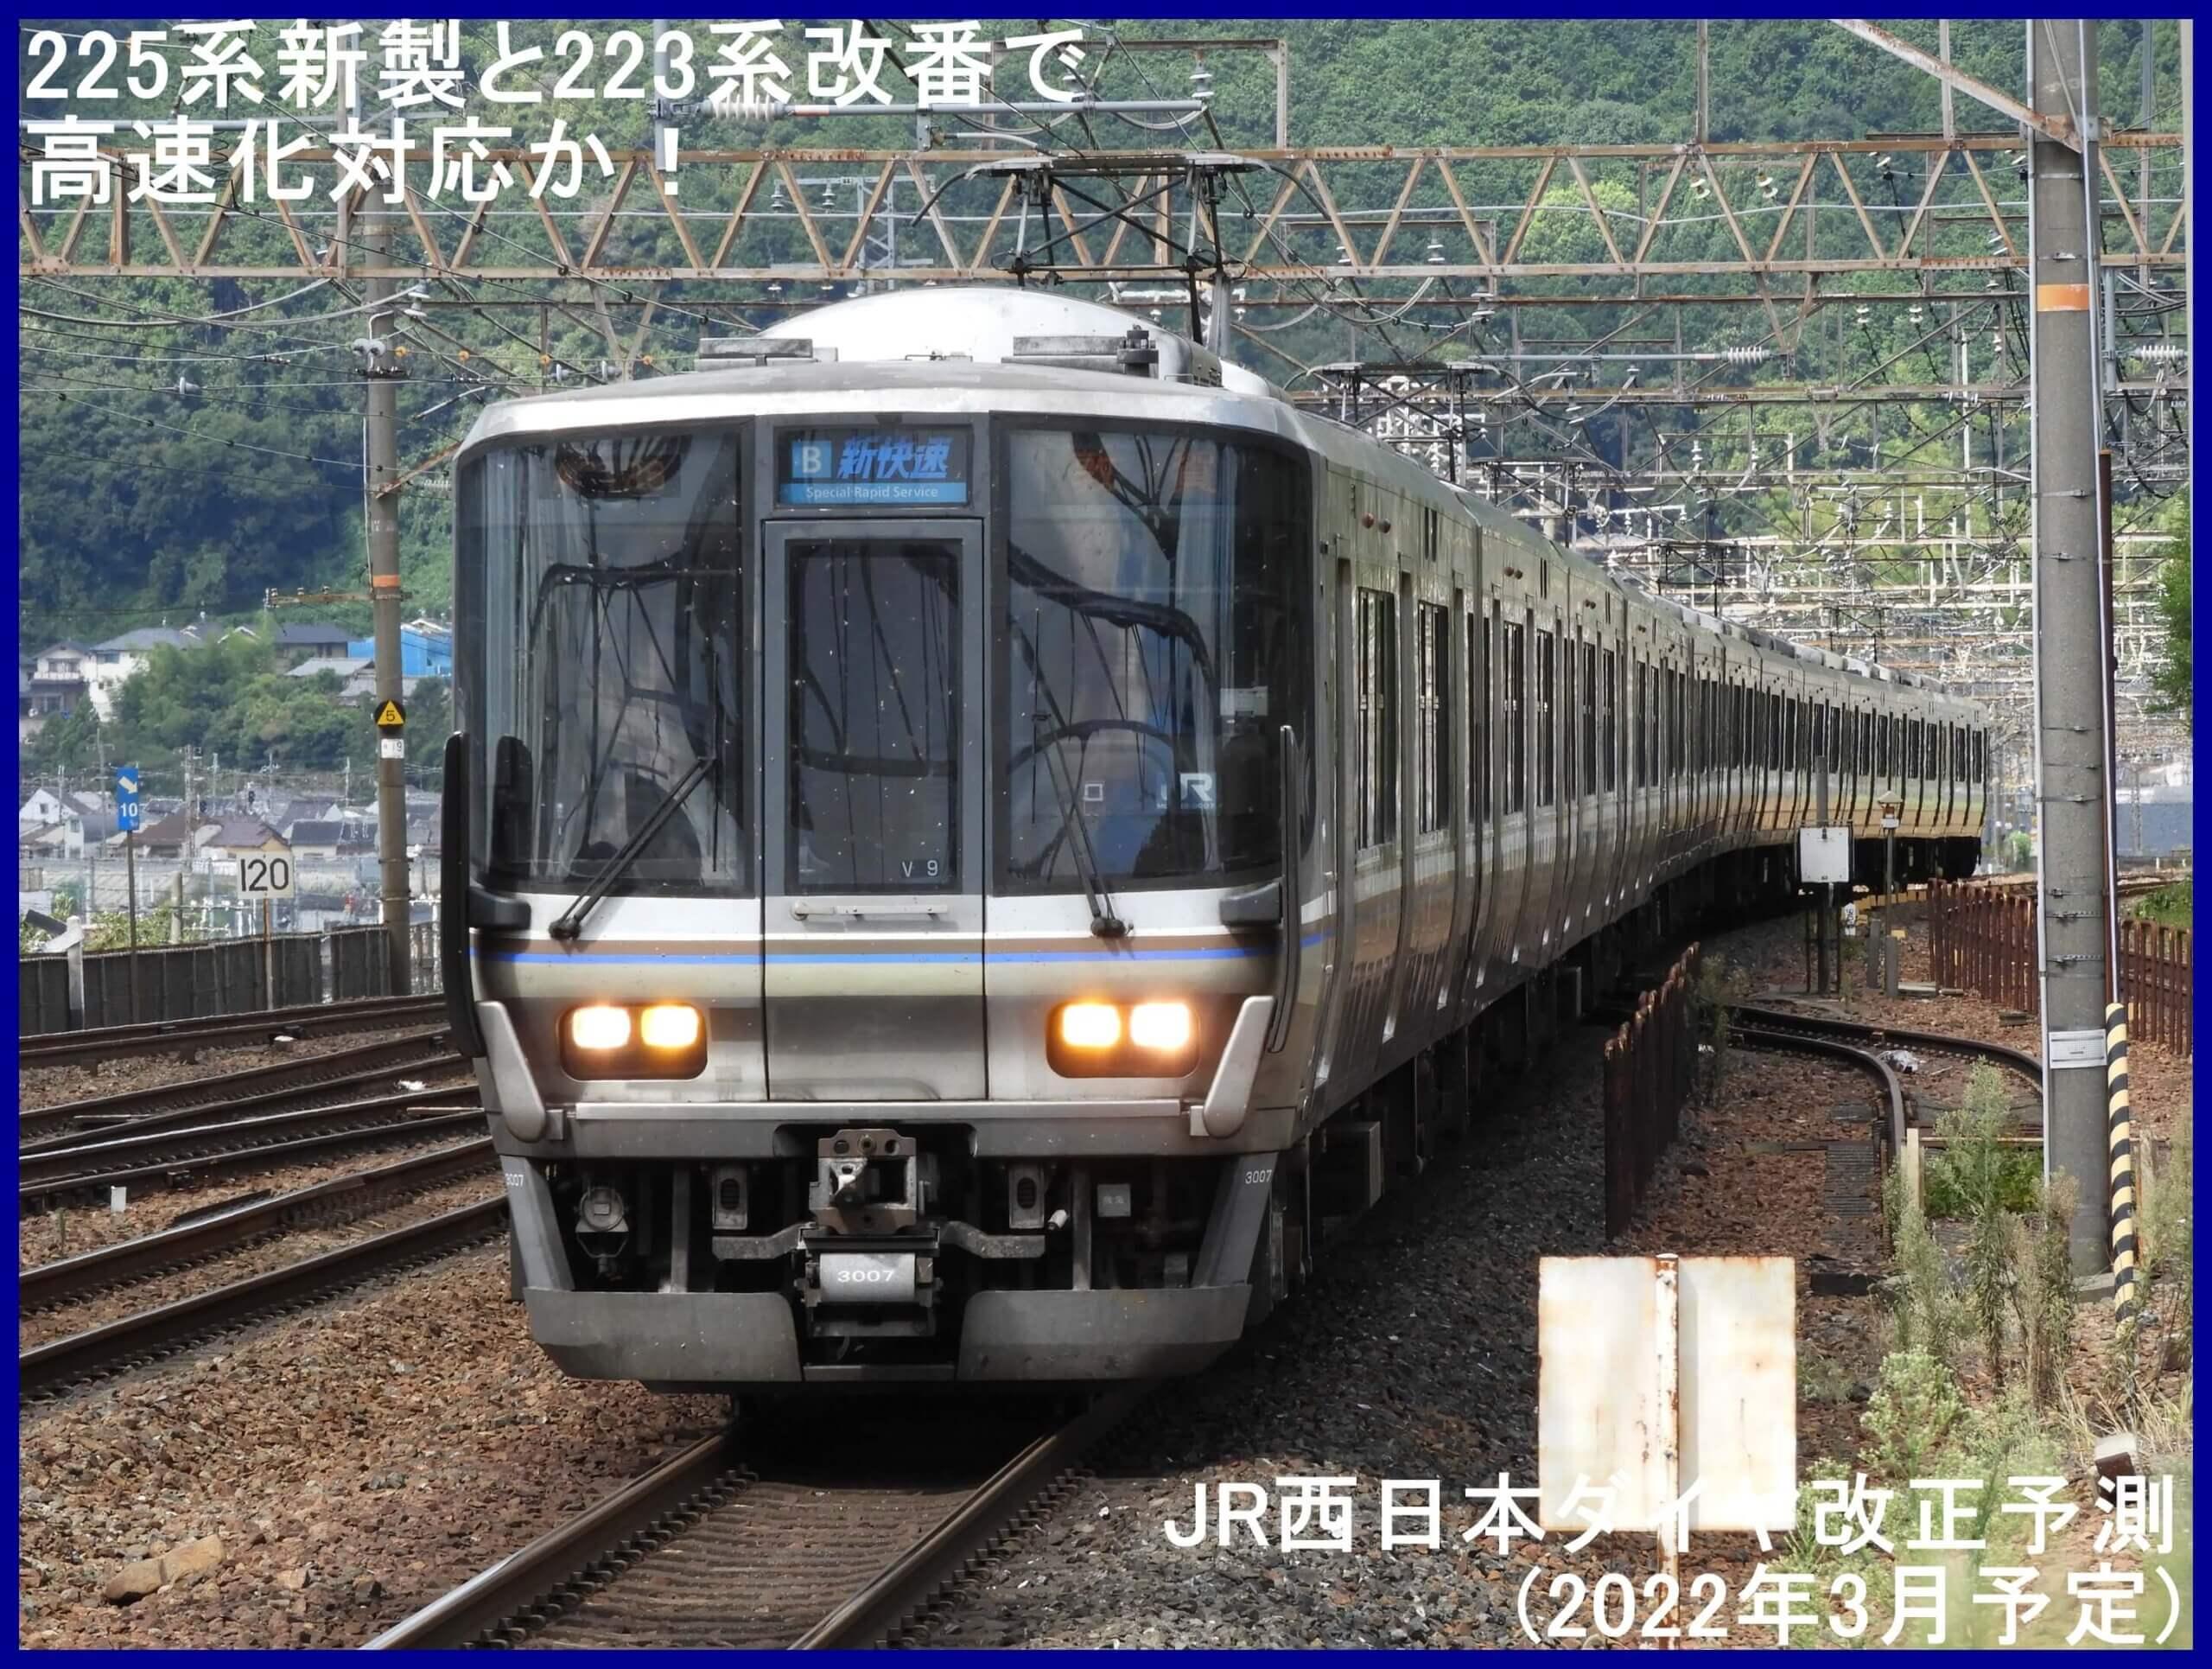 225系新製と223系改番で高速化対応か! JR西日本ダイヤ改正予測(2022年3月予定)